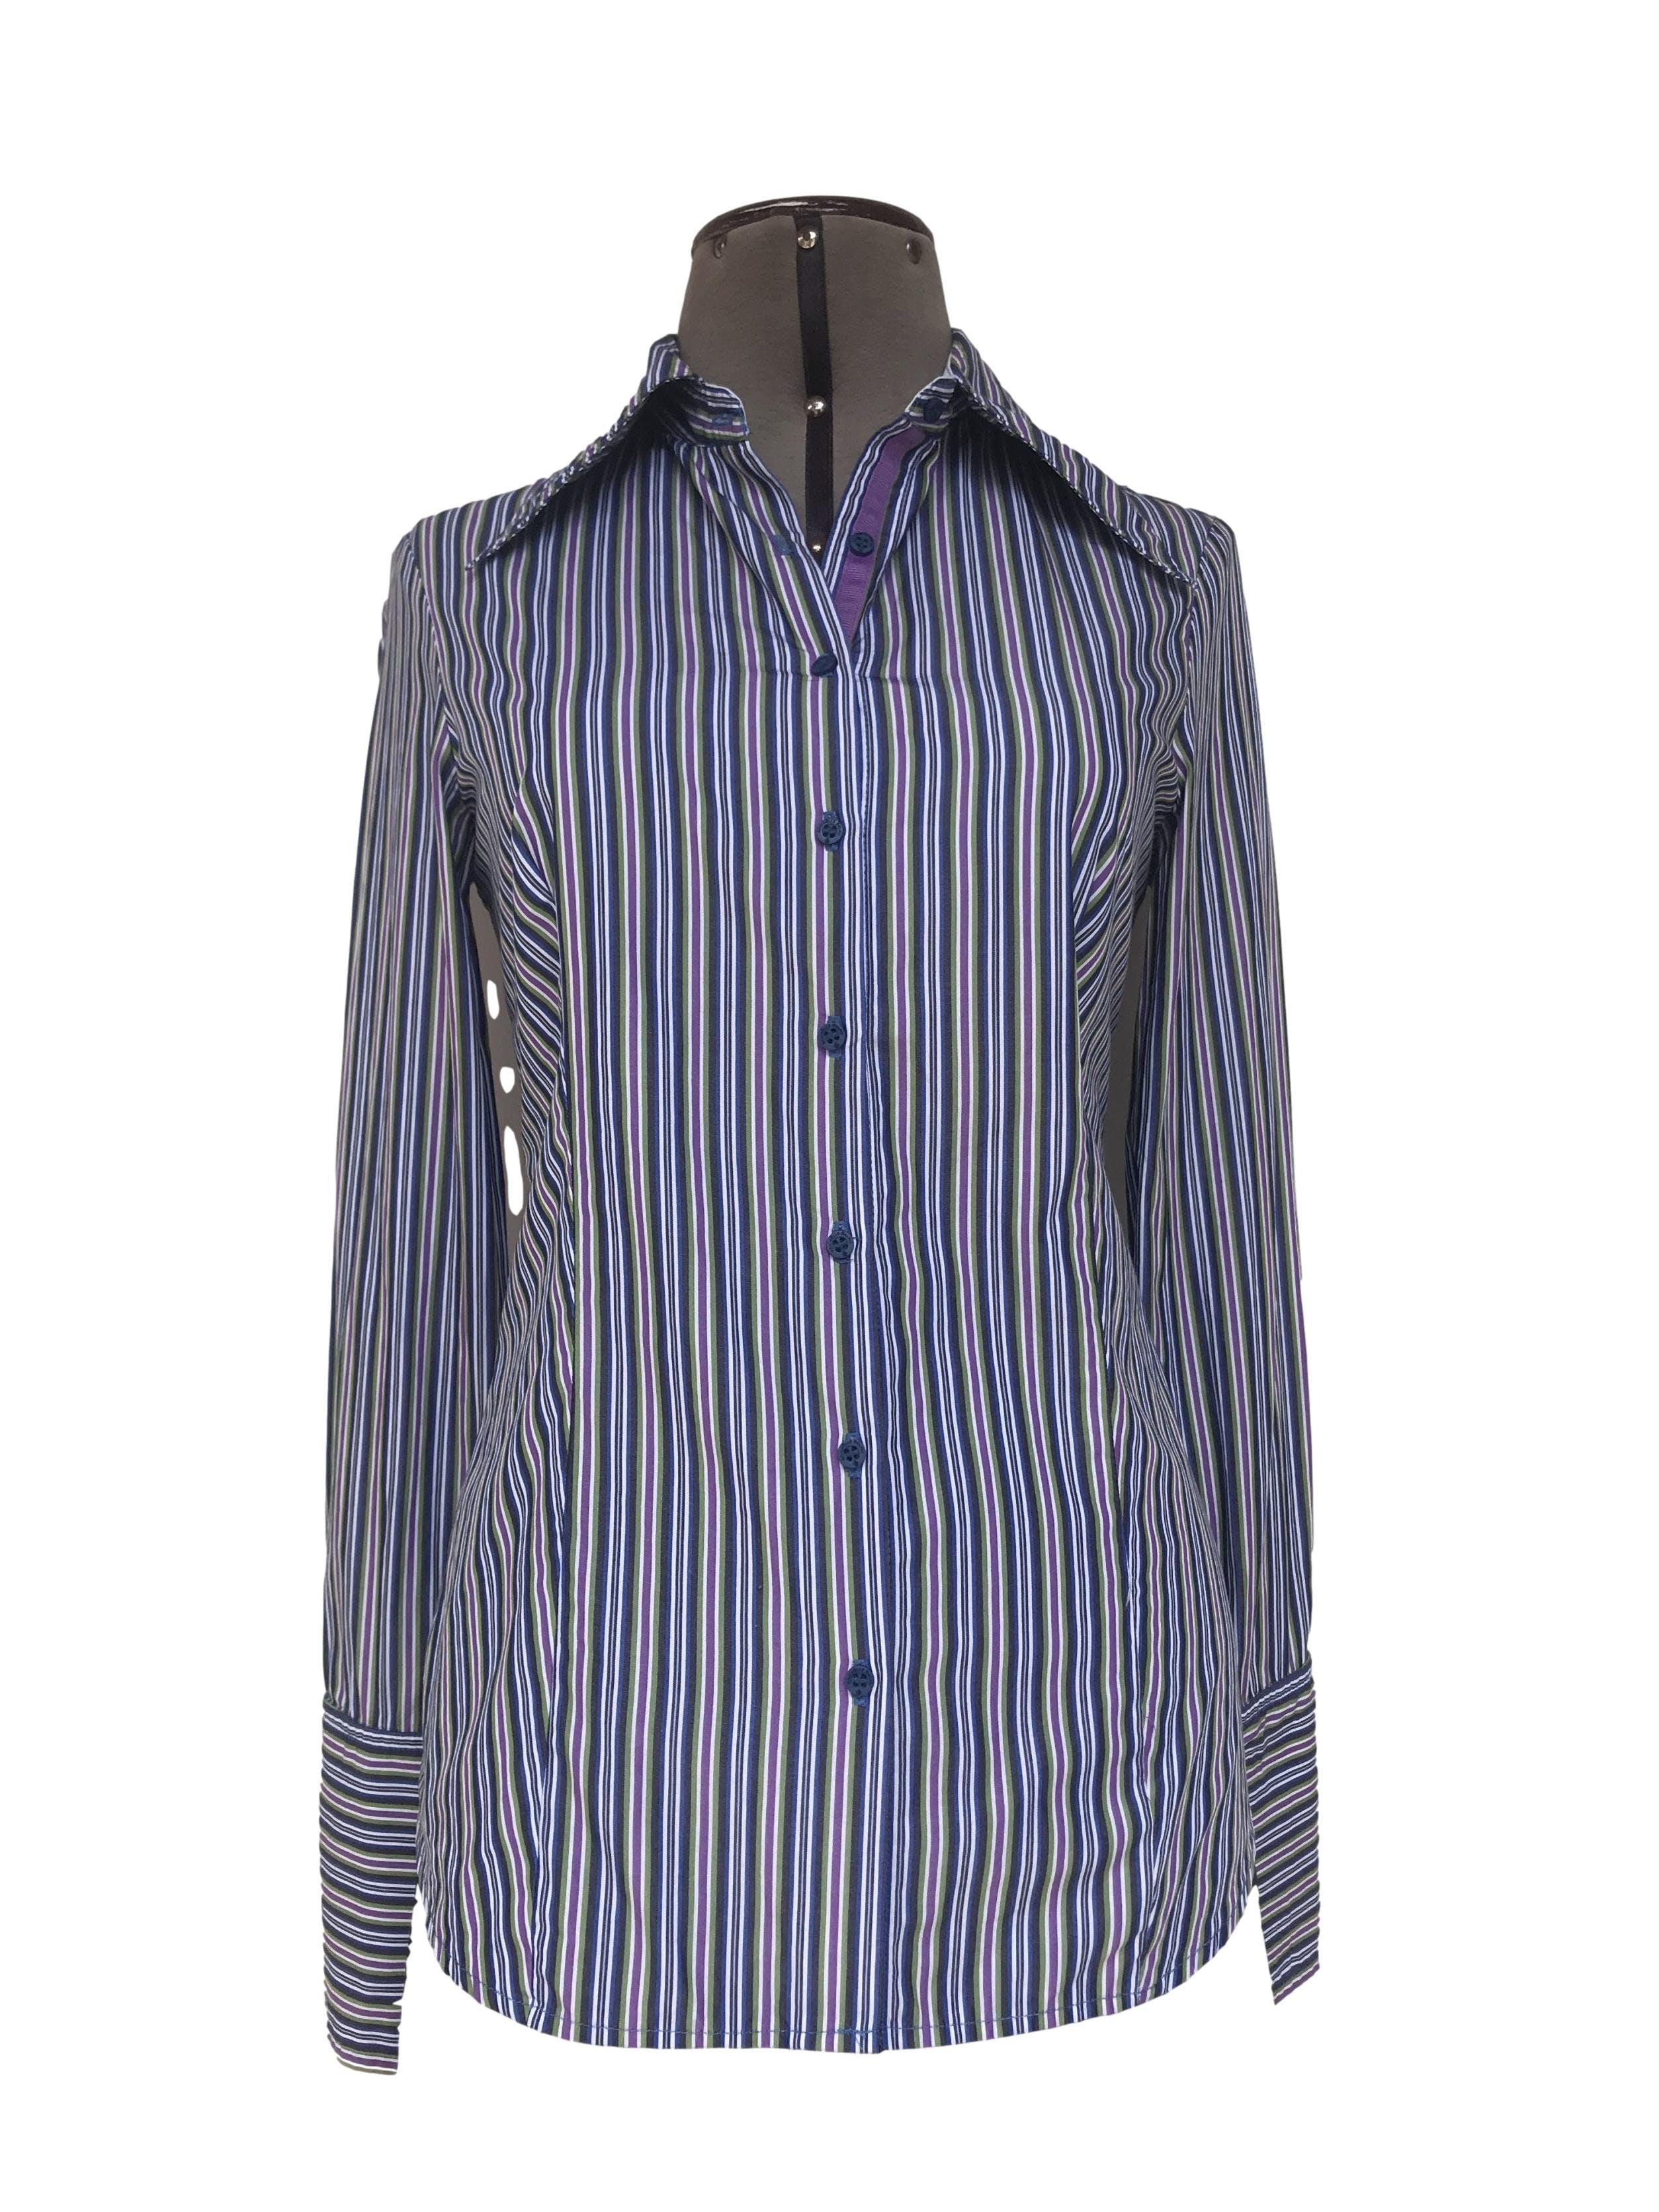 Blusa Michelle Belau a rayas en tonos azules, morados y blancos, 75% algodón, fila de botones azules y puño ancho. Linda! Tallo S